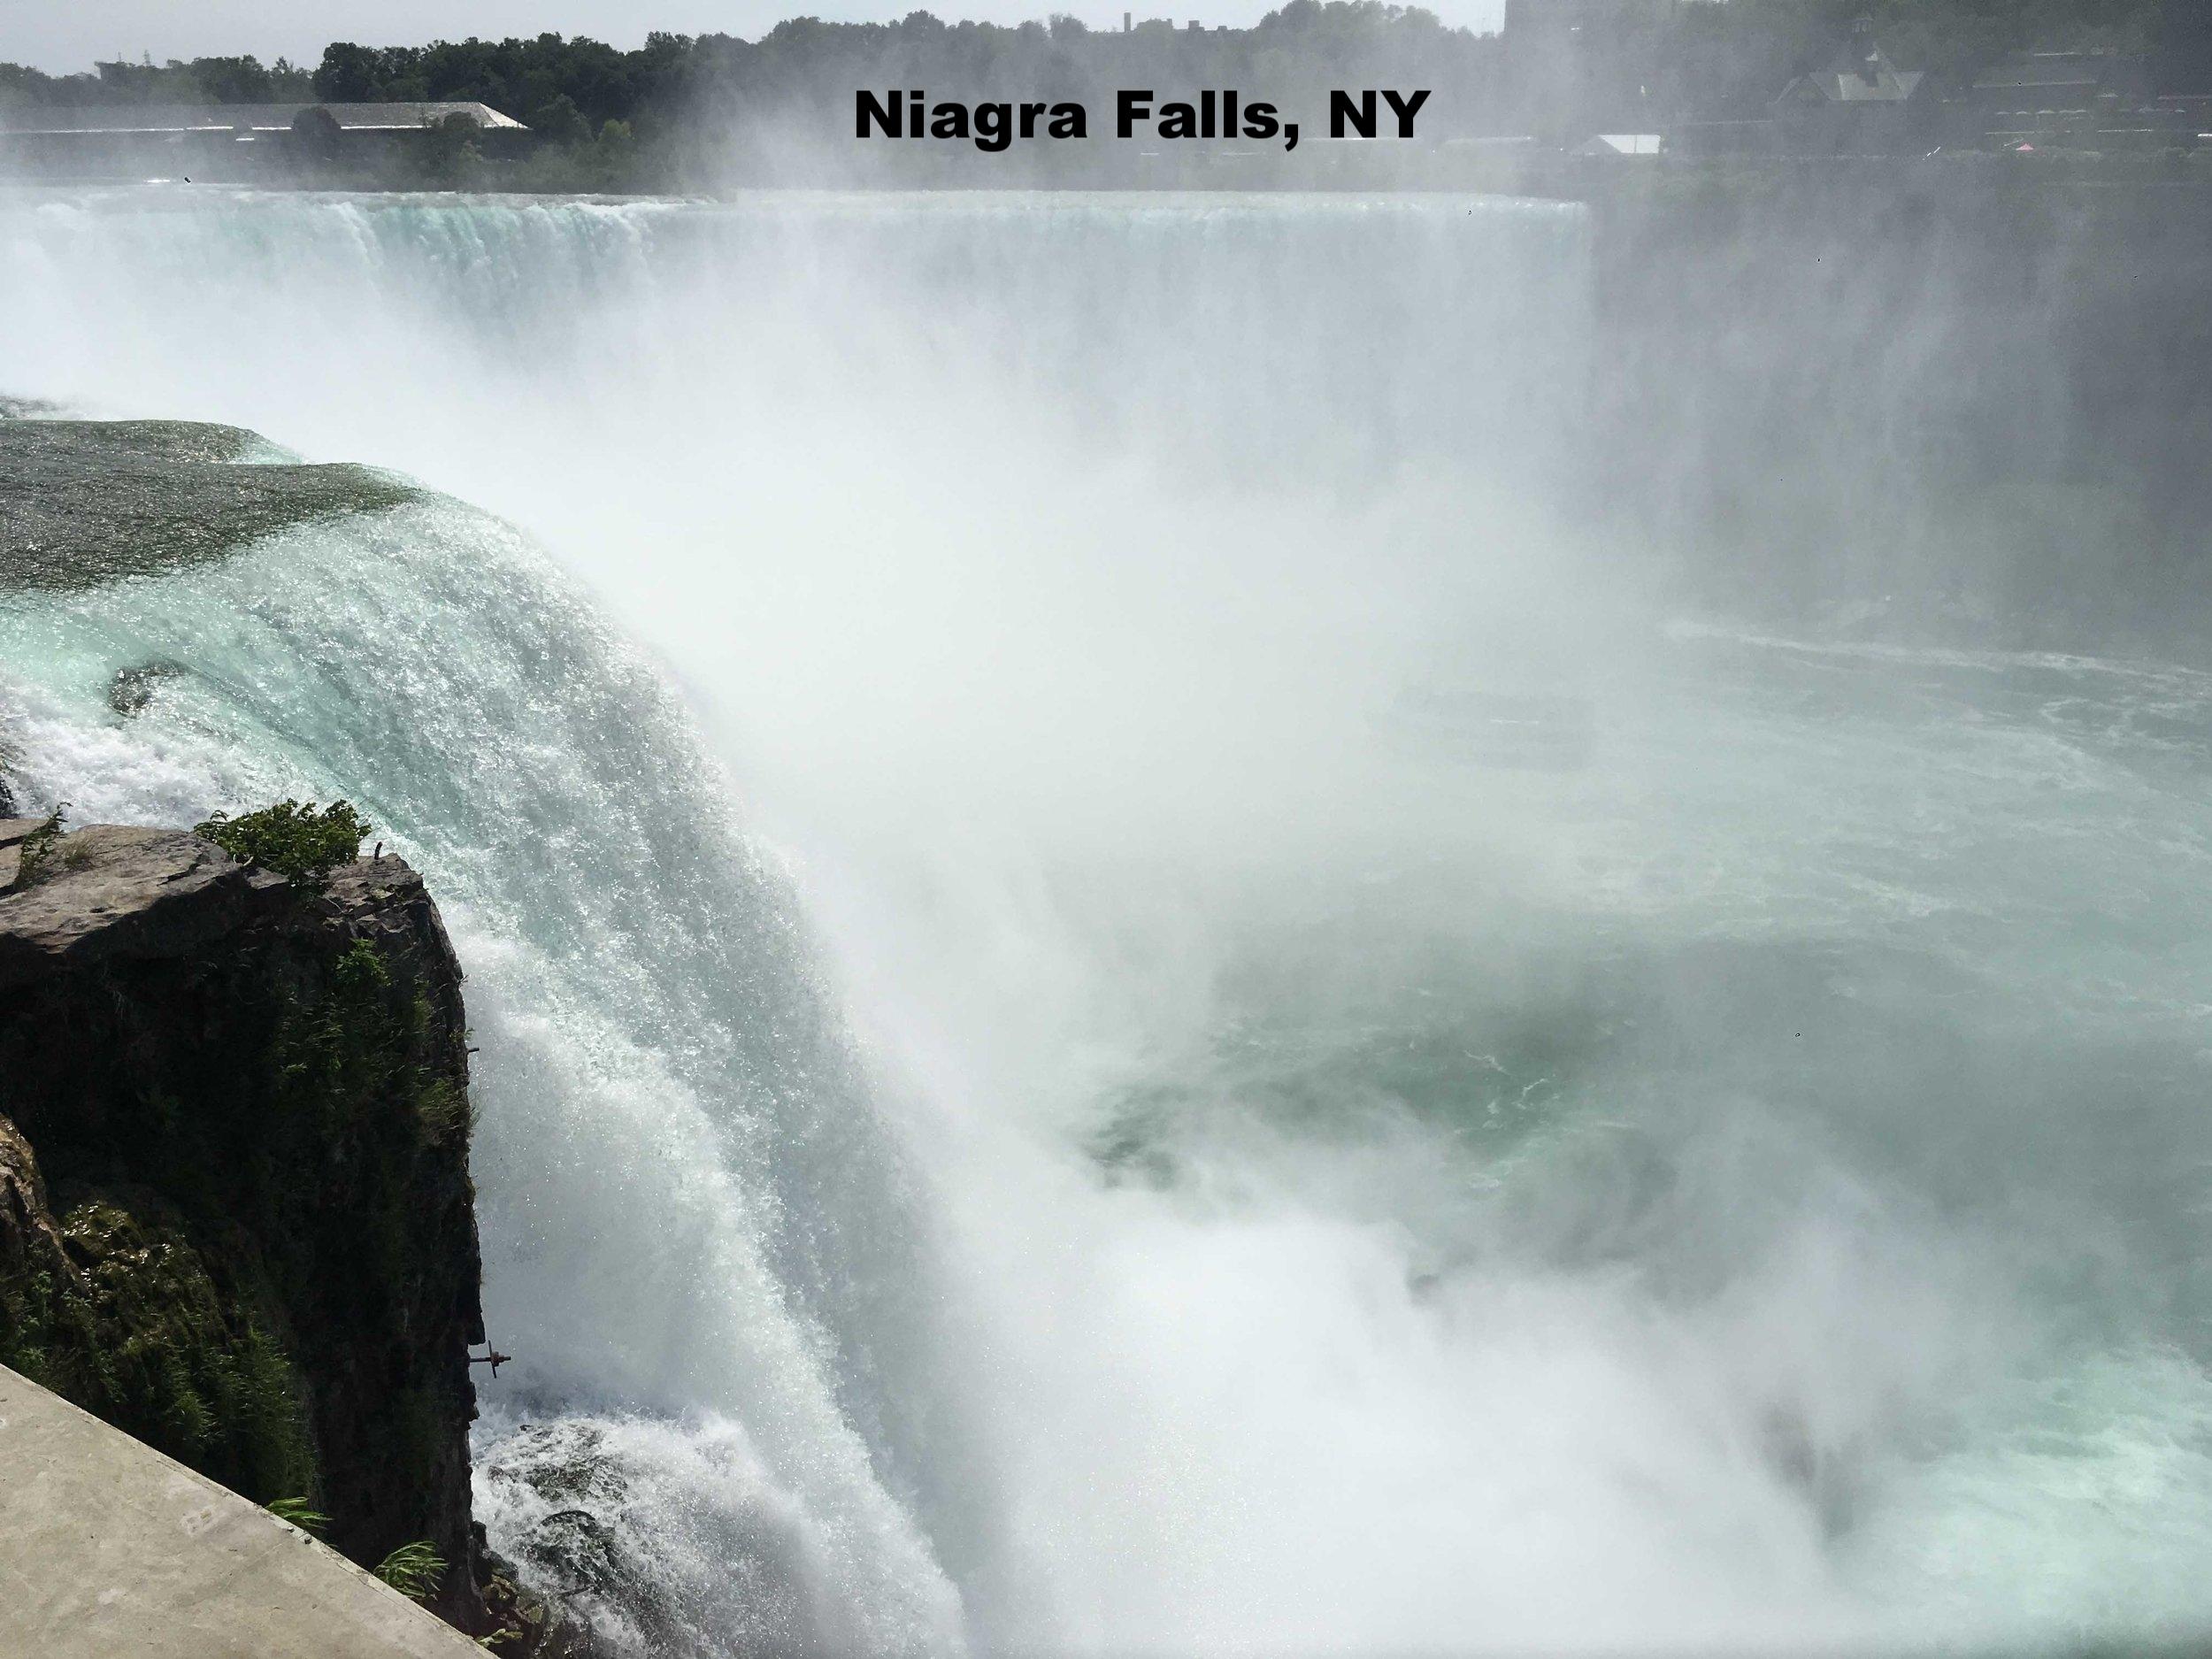 NiagraFalls.jpg